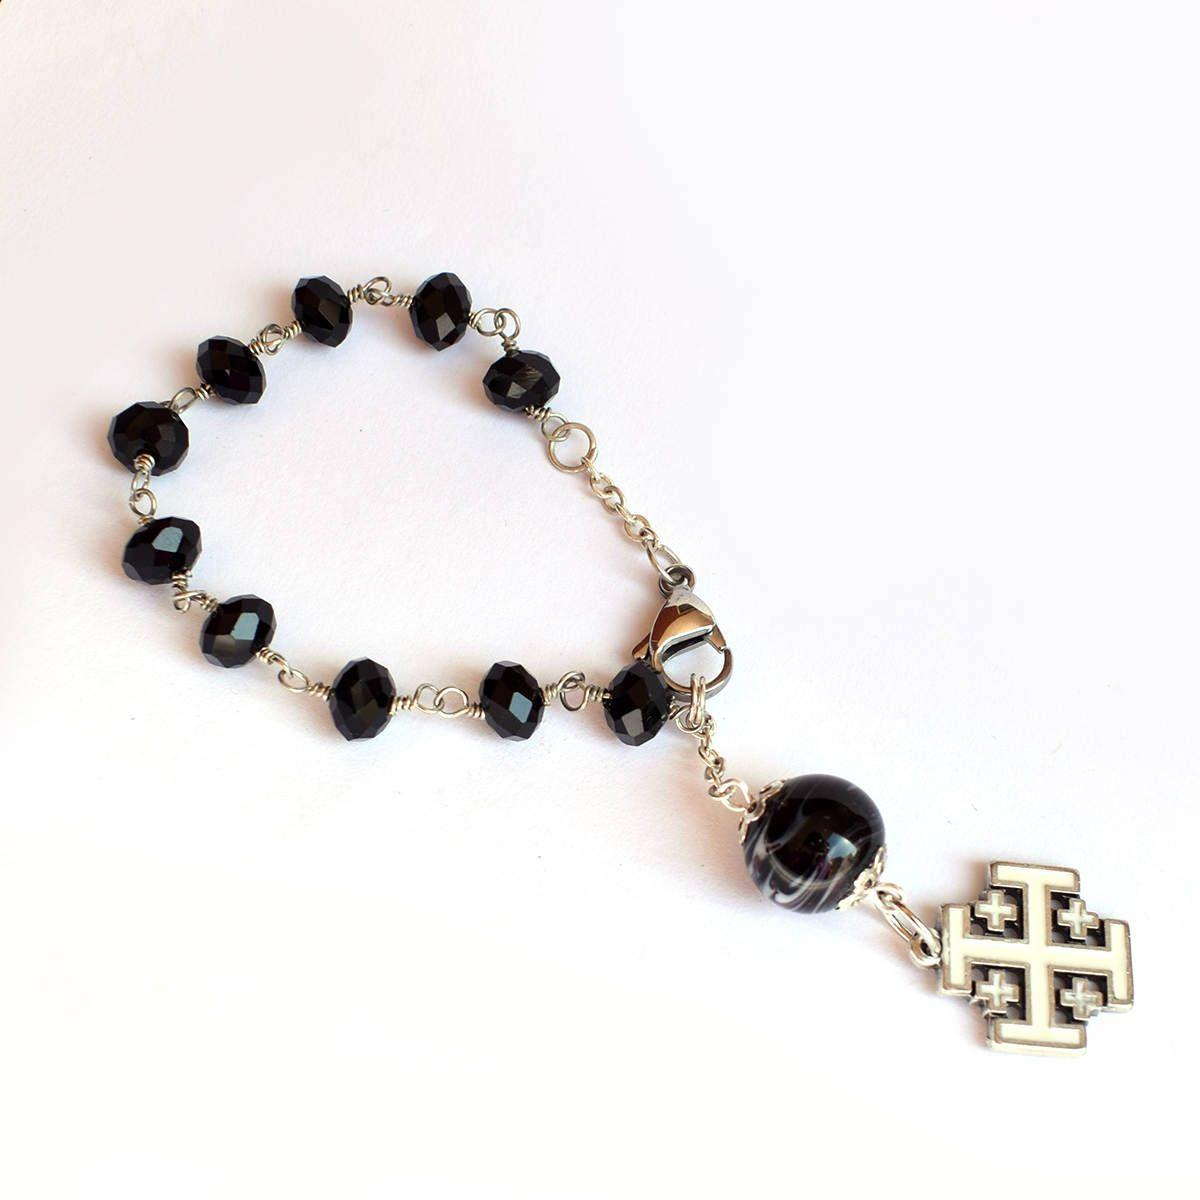 Jerusalem cross rosary men bracelet catholic chaplet religious